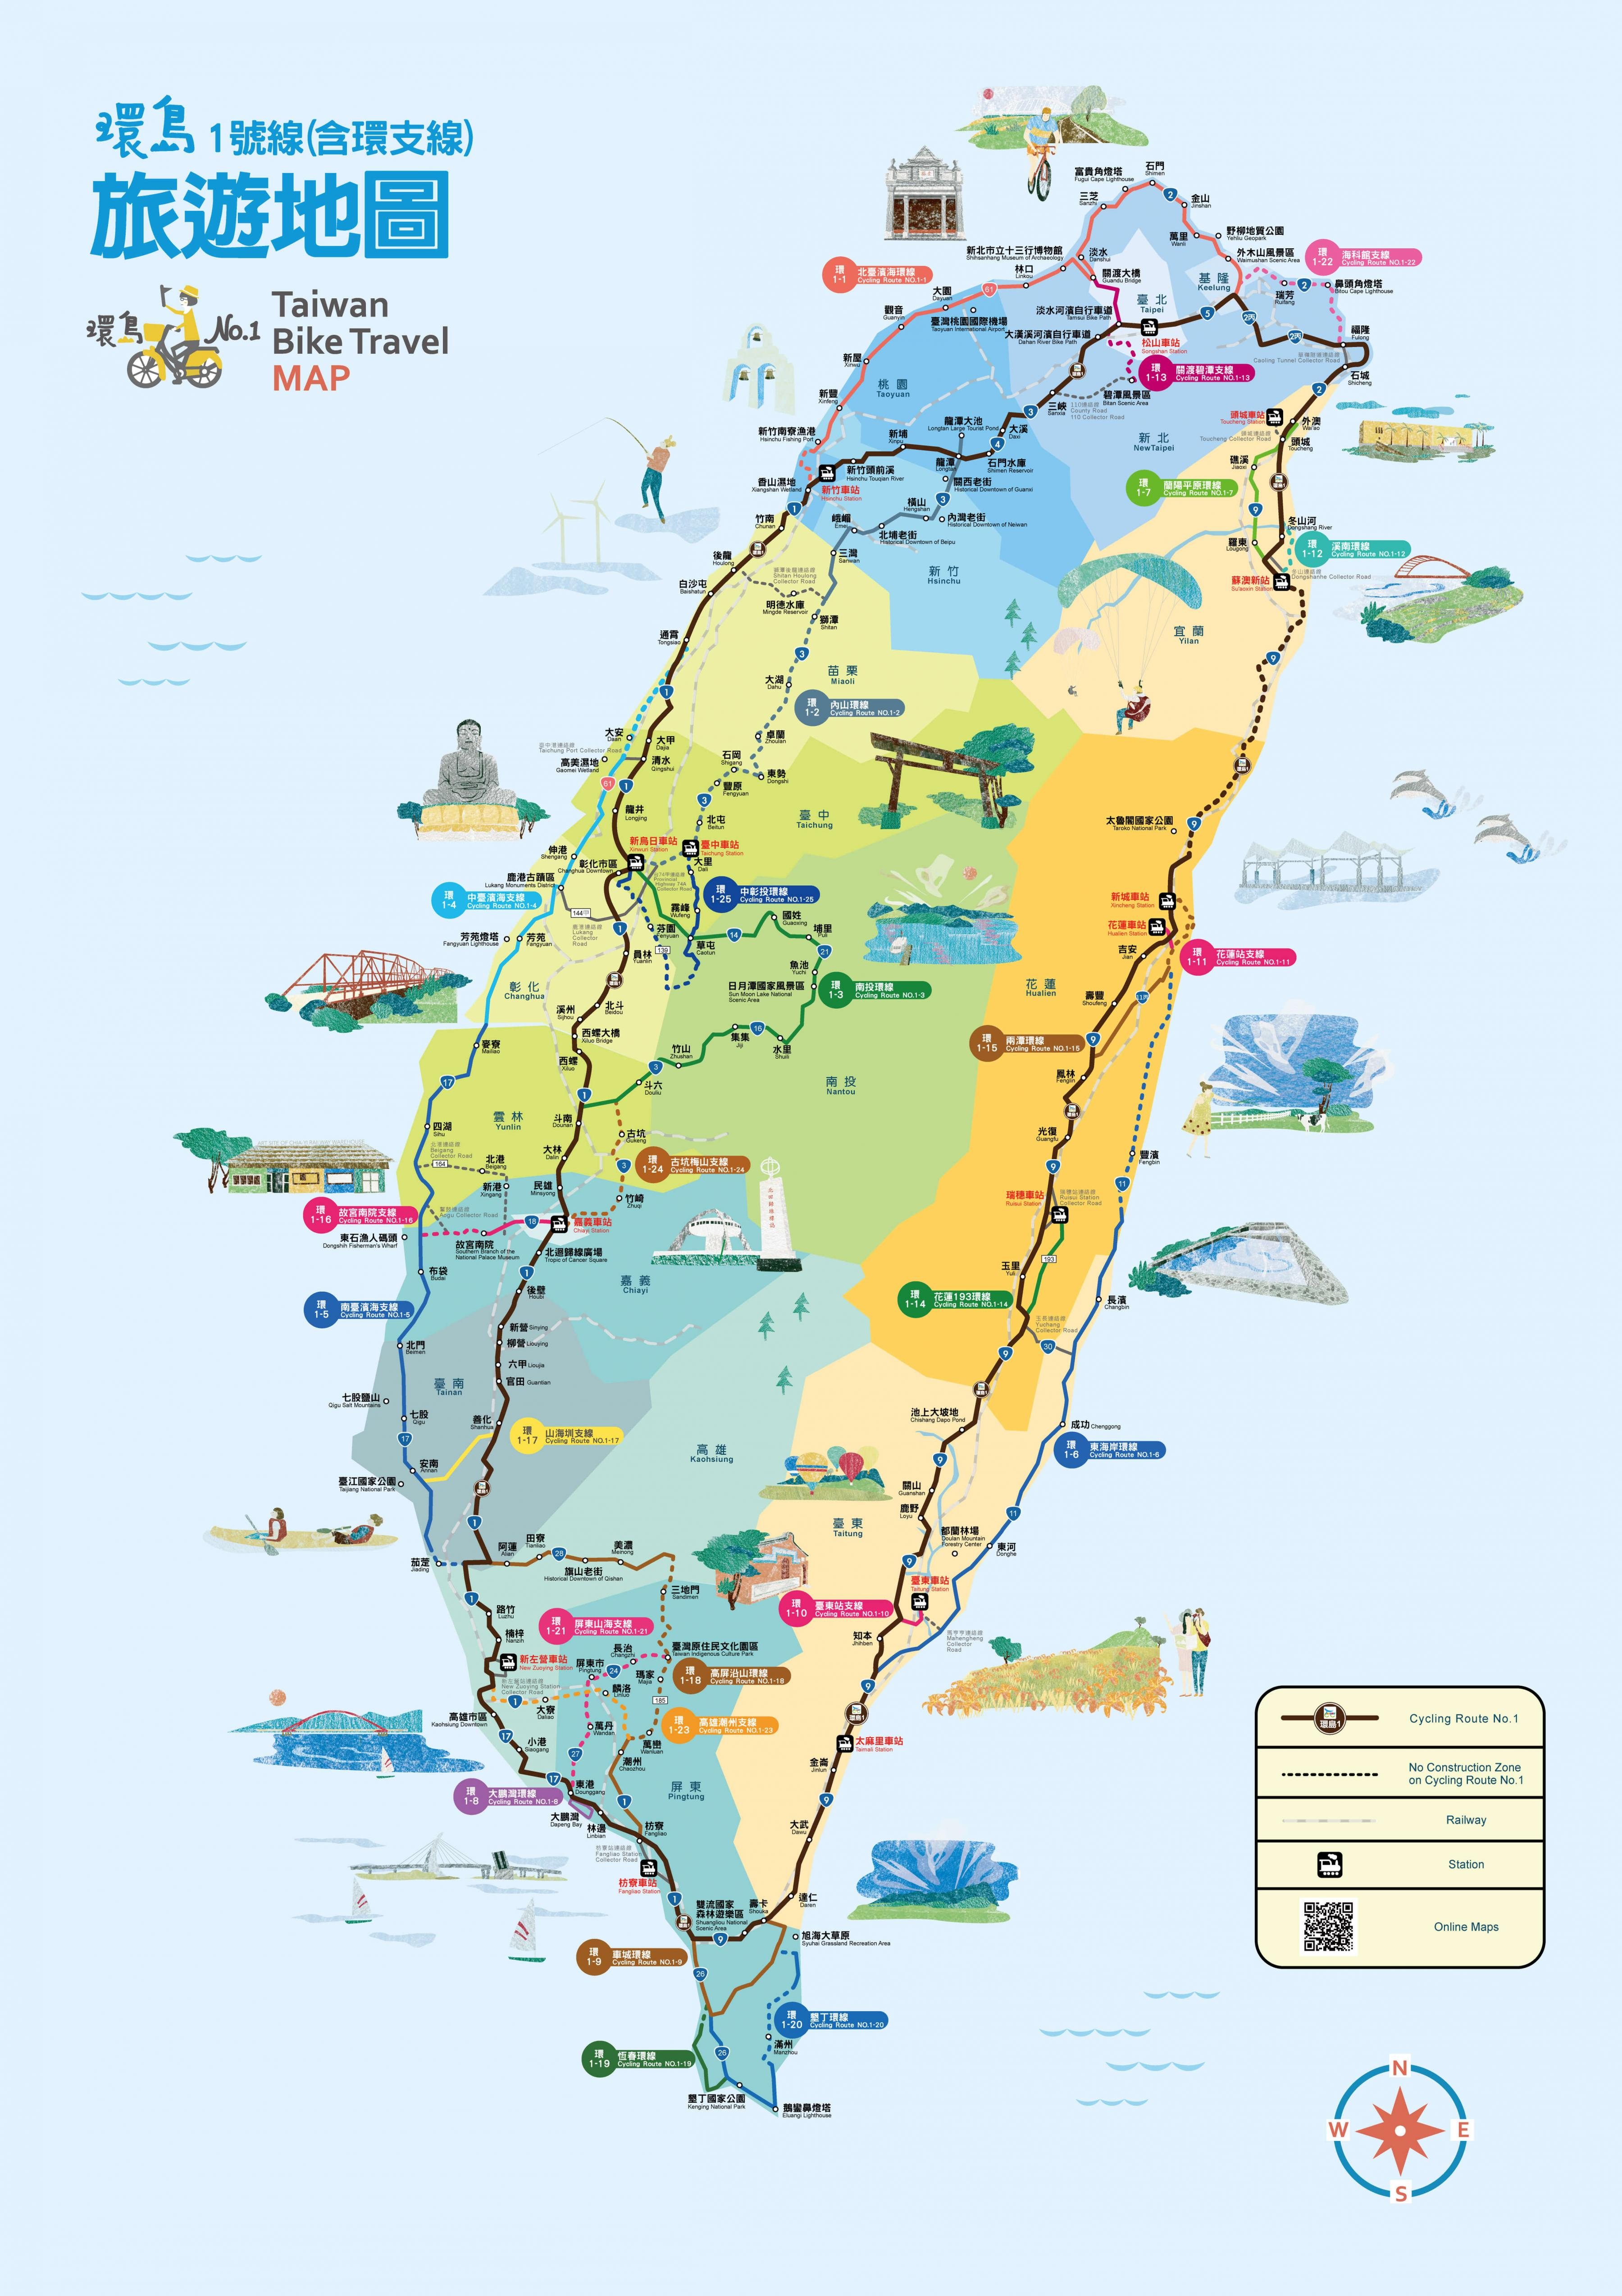 Taiwan Pyoraily Kartta Pyoraily Ympari Taiwan Road Pyoraily